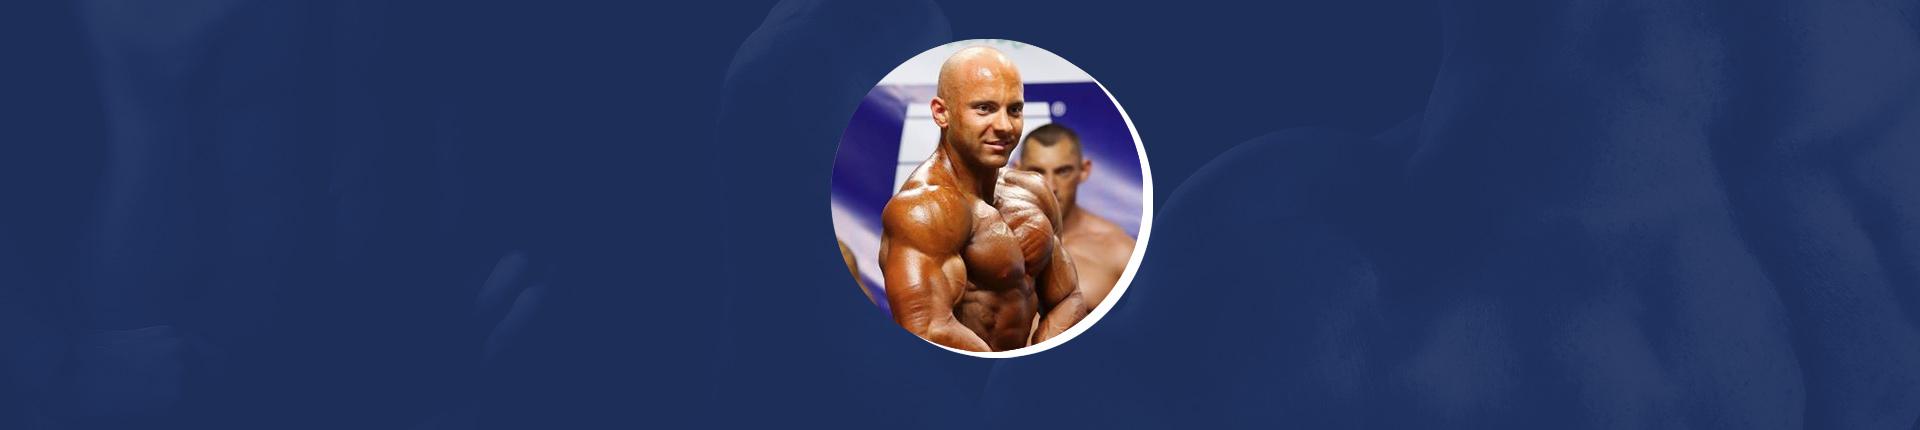 Mateusz Zagórowski - Mistrz Polski w kategorii Kulturystyka Mężczyzn do 90 kg